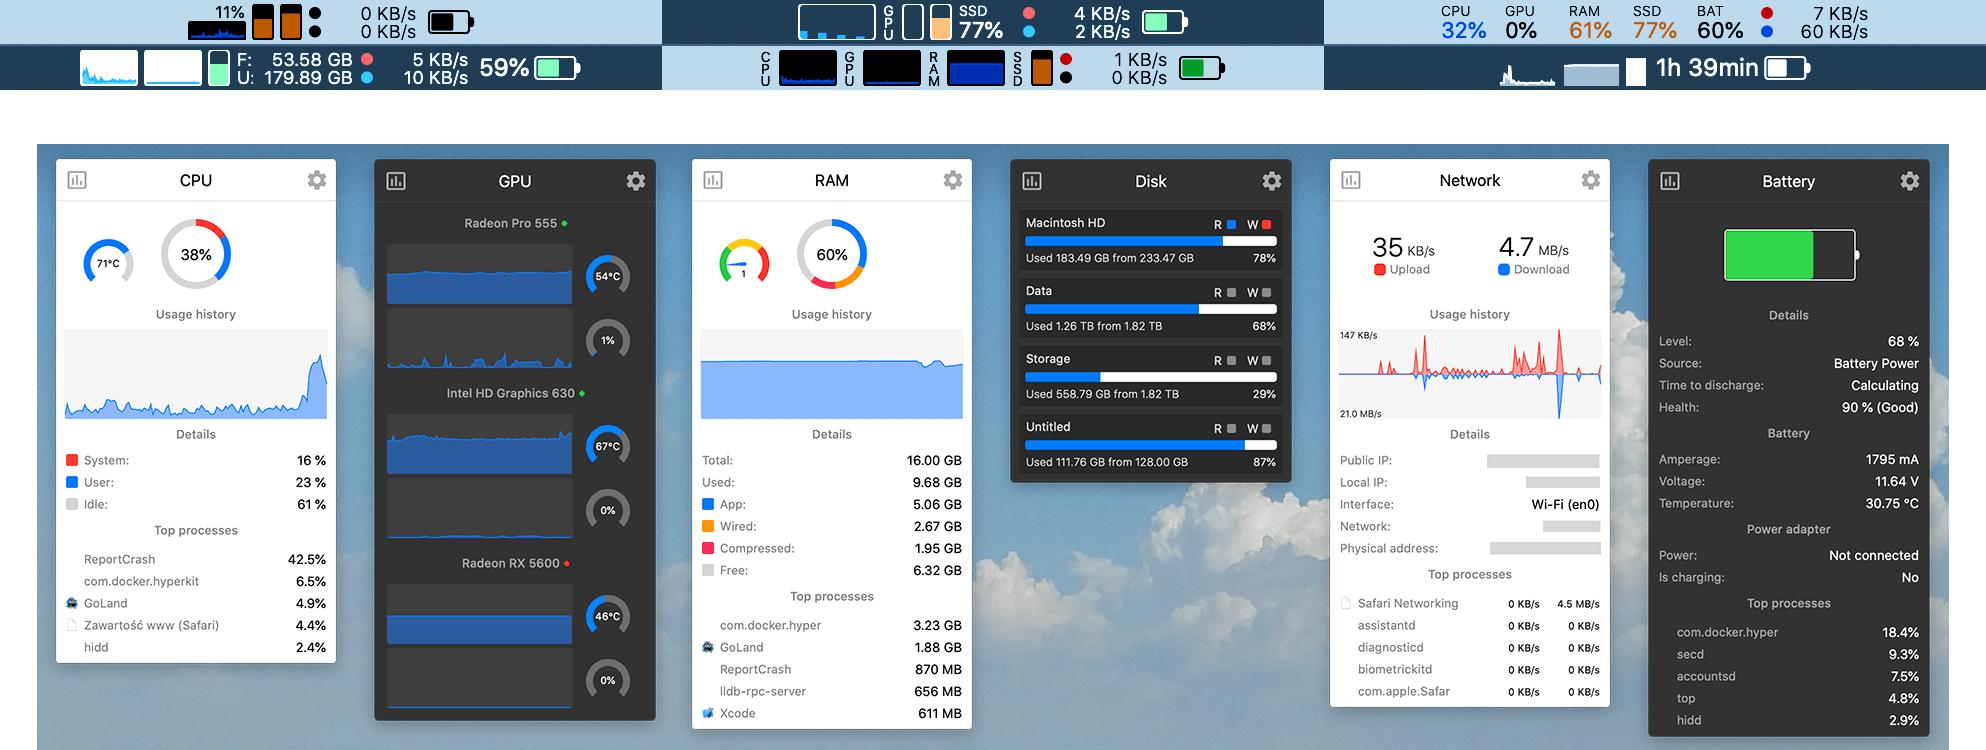 Prints de diferentes configurações do Stats, na barra de menu e das janelas suspensas com mais detalhes.